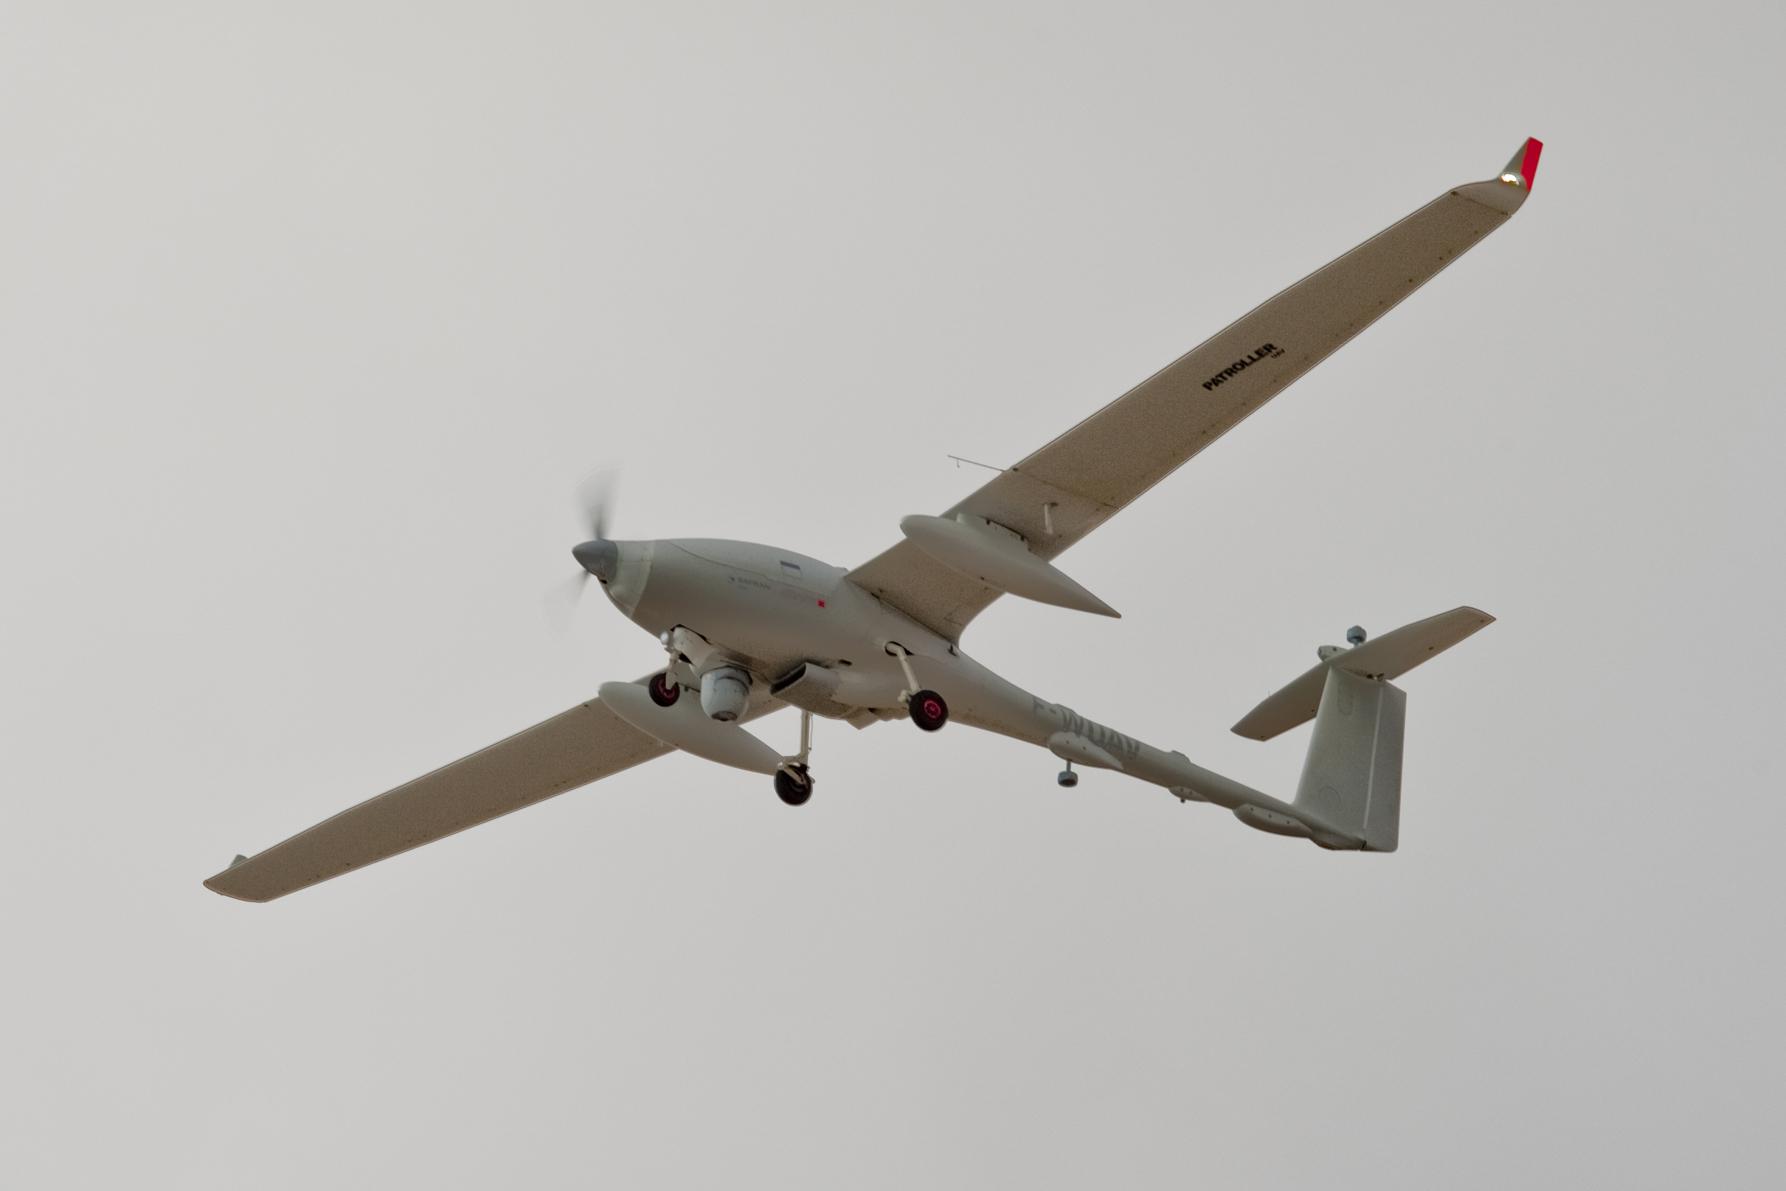 aeronaves - Aeronaves no tripuladas y Drones de México. Noticias,comentarios,imagenes,videos - Página 4 Patroller